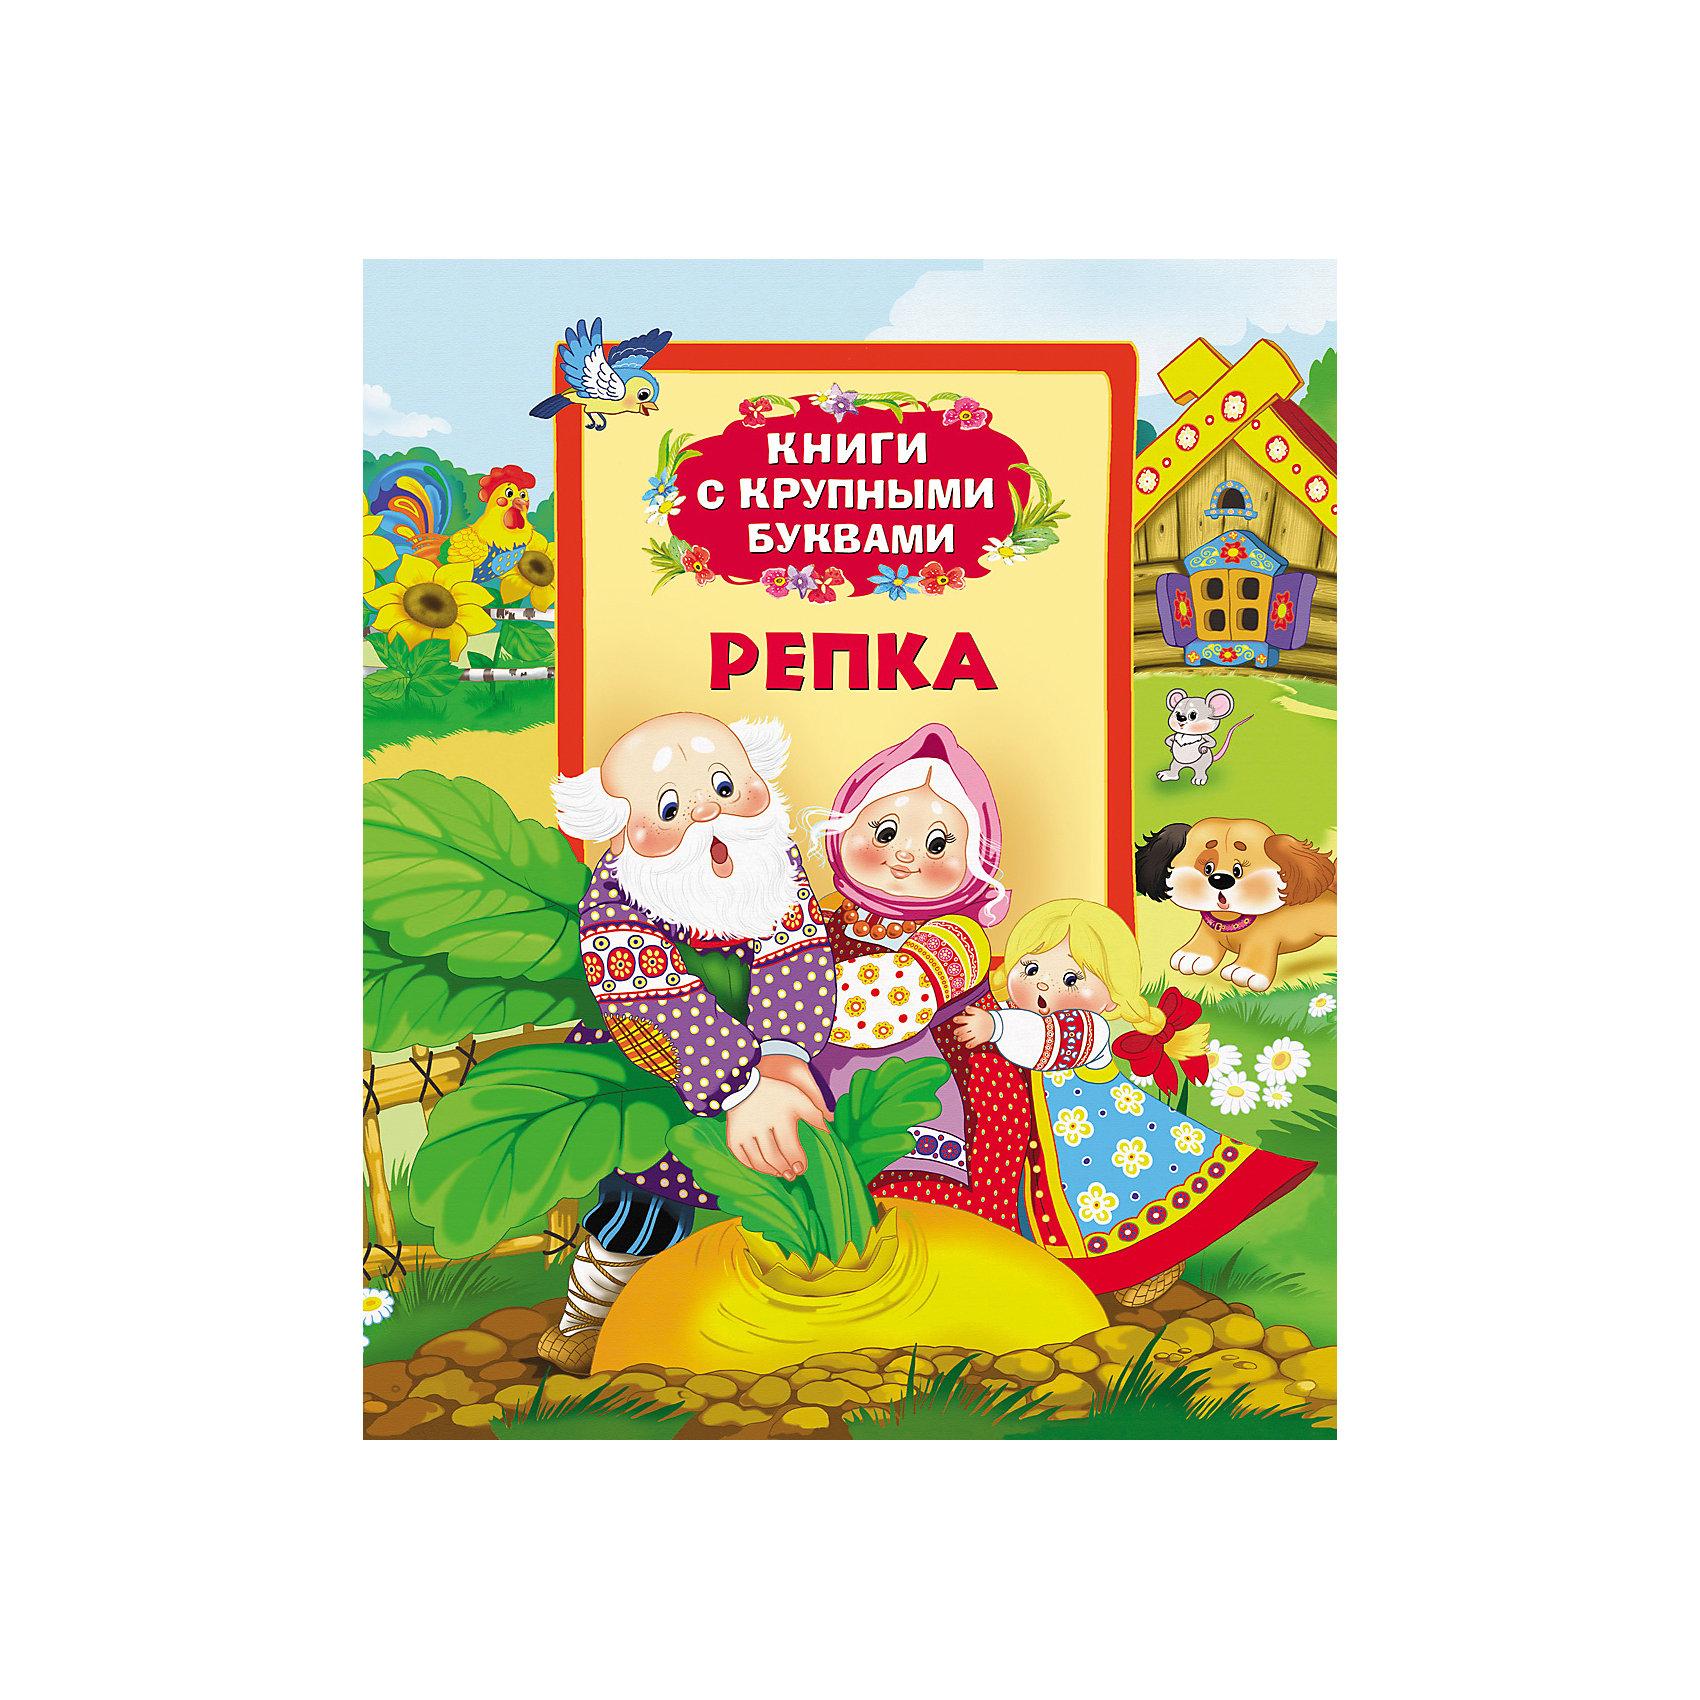 РепкаСказки<br>Книга с крупными буквами Репка<br><br>Характеристики:<br><br>• Иллюстрации: цветные<br>• Переплет: твердый<br>• Год: 2013 г. <br>• Объем: 32 стр. <br>• Издательство: Росмэн<br><br>Книга незаменимый друг человека. Благодаря рассказам ребенок сможет познать мир, не выходя из комнаты. Кроме этого правильно подобранные книги учат ребенка хорошим манерам, правилам поведения и многому другому. Данную книгу подготовили опытные педагоги и психологи, сделав ее простой и понятной для ребенка. Крупные буквы и достаточно понятный сюжет помогут ребенку прочитать известные русские сказки самостоятельно, и возможно они станут первыми самостоятельно прочитанными произведениями. В книгу вошли сказки: «Кот, козел да баран», «Репка», «У страха глаза велики». Яркие красочные иллюстрации смогут завлечь ребенка и дополнить истории. <br><br>Книга с крупными буквами Репка можно купить в нашем интернет-магазине.<br><br>Ширина мм: 205<br>Глубина мм: 242<br>Высота мм: 7<br>Вес г: 280<br>Возраст от месяцев: 36<br>Возраст до месяцев: 72<br>Пол: Унисекс<br>Возраст: Детский<br>SKU: 3335595